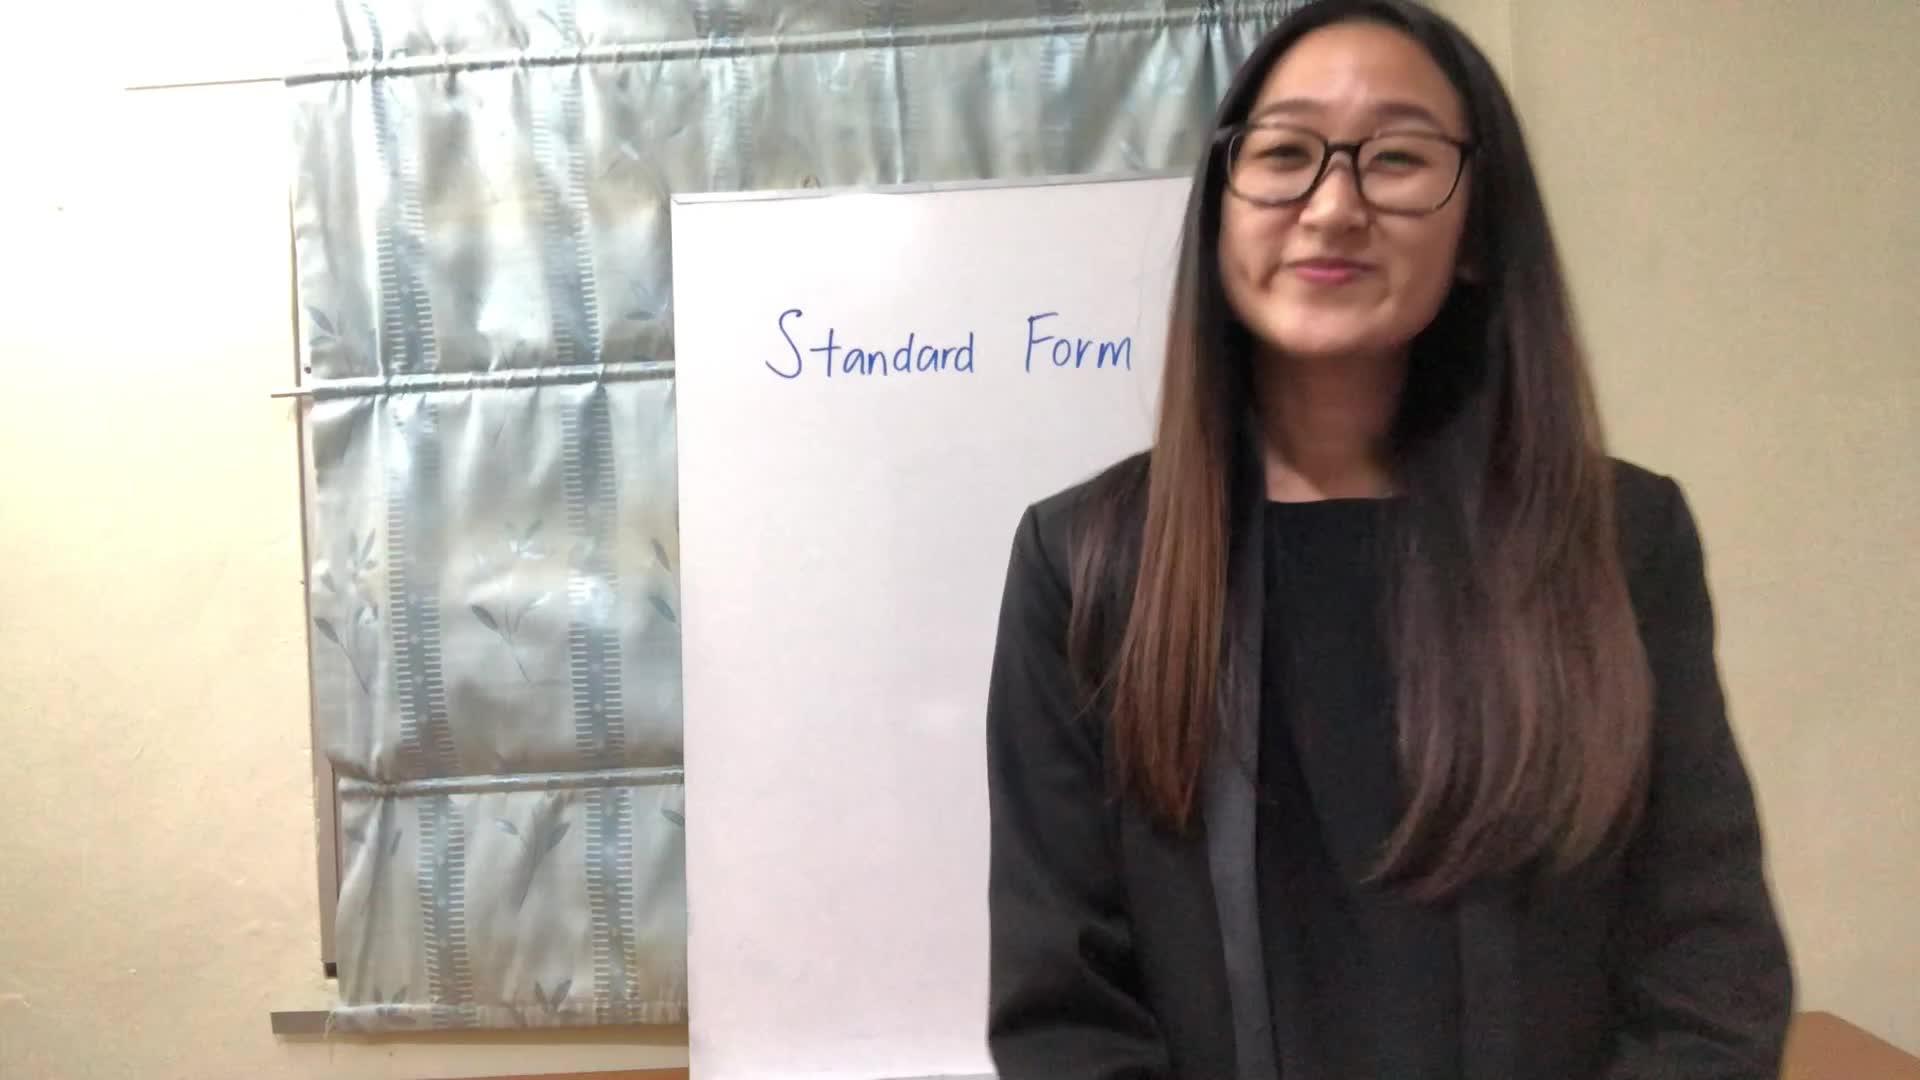 Understanding Standard Form